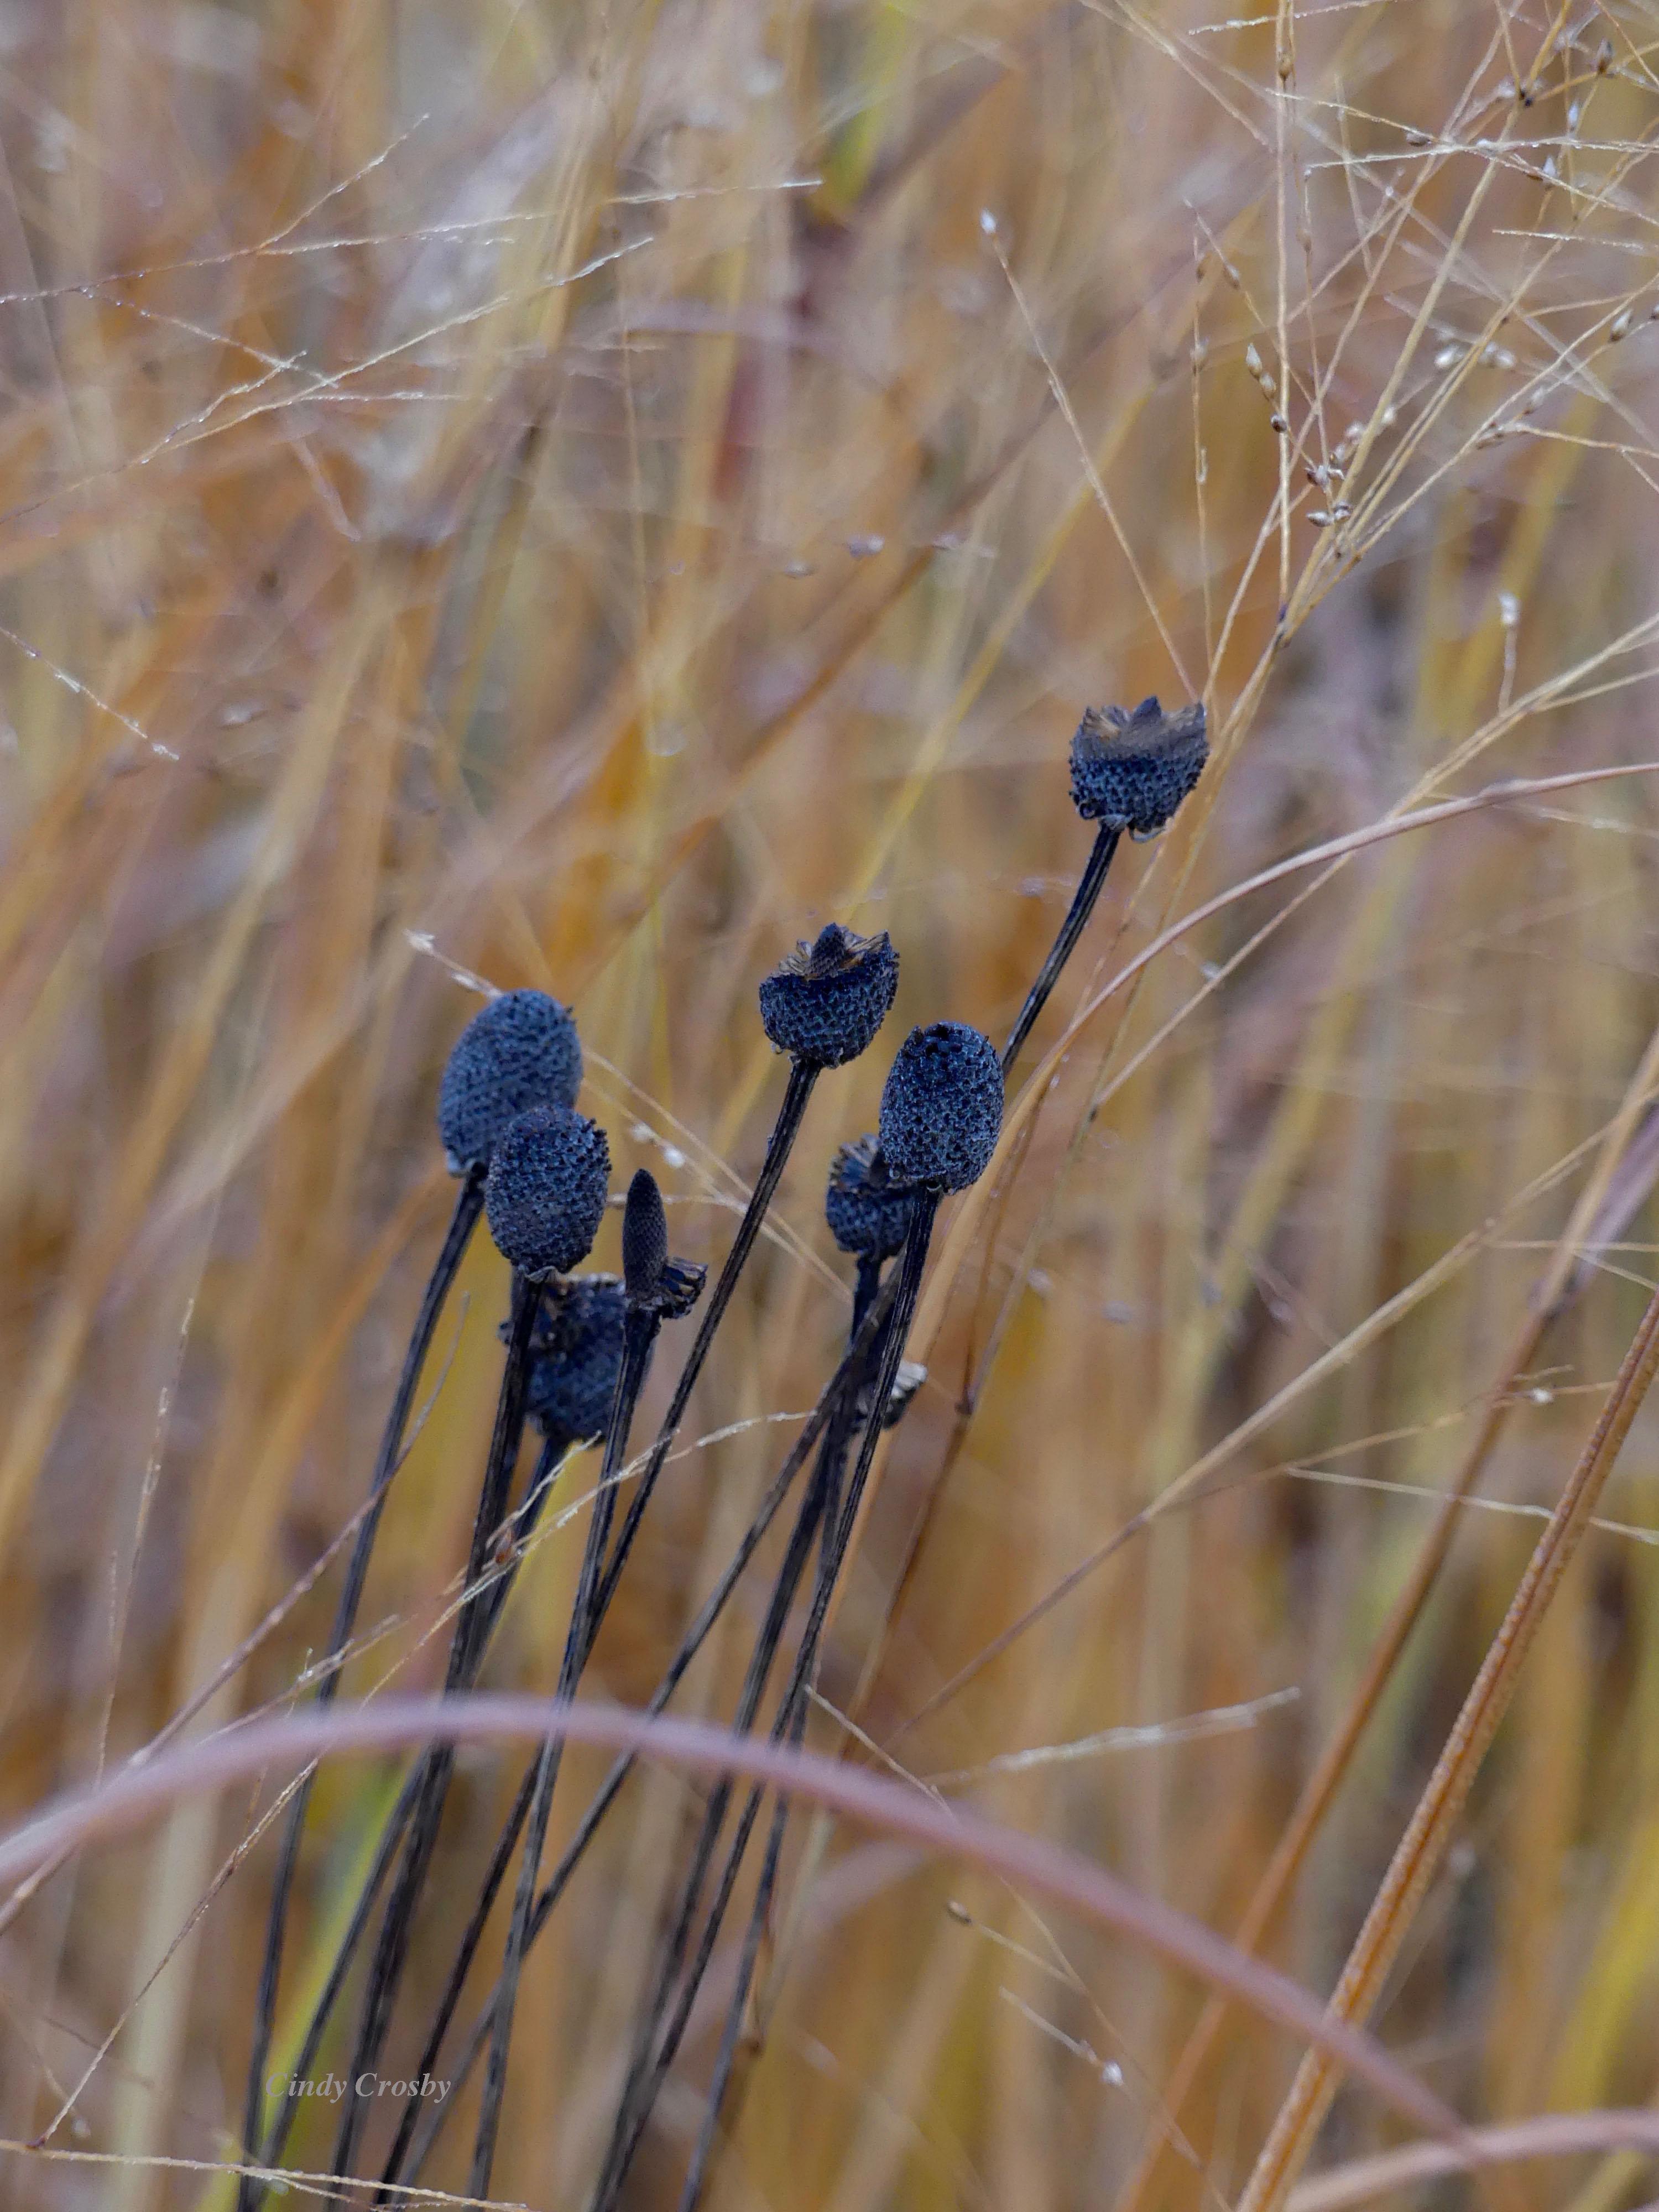 Switchgrassandgrayheadedconeflower102819WMSPMA copy.jpg